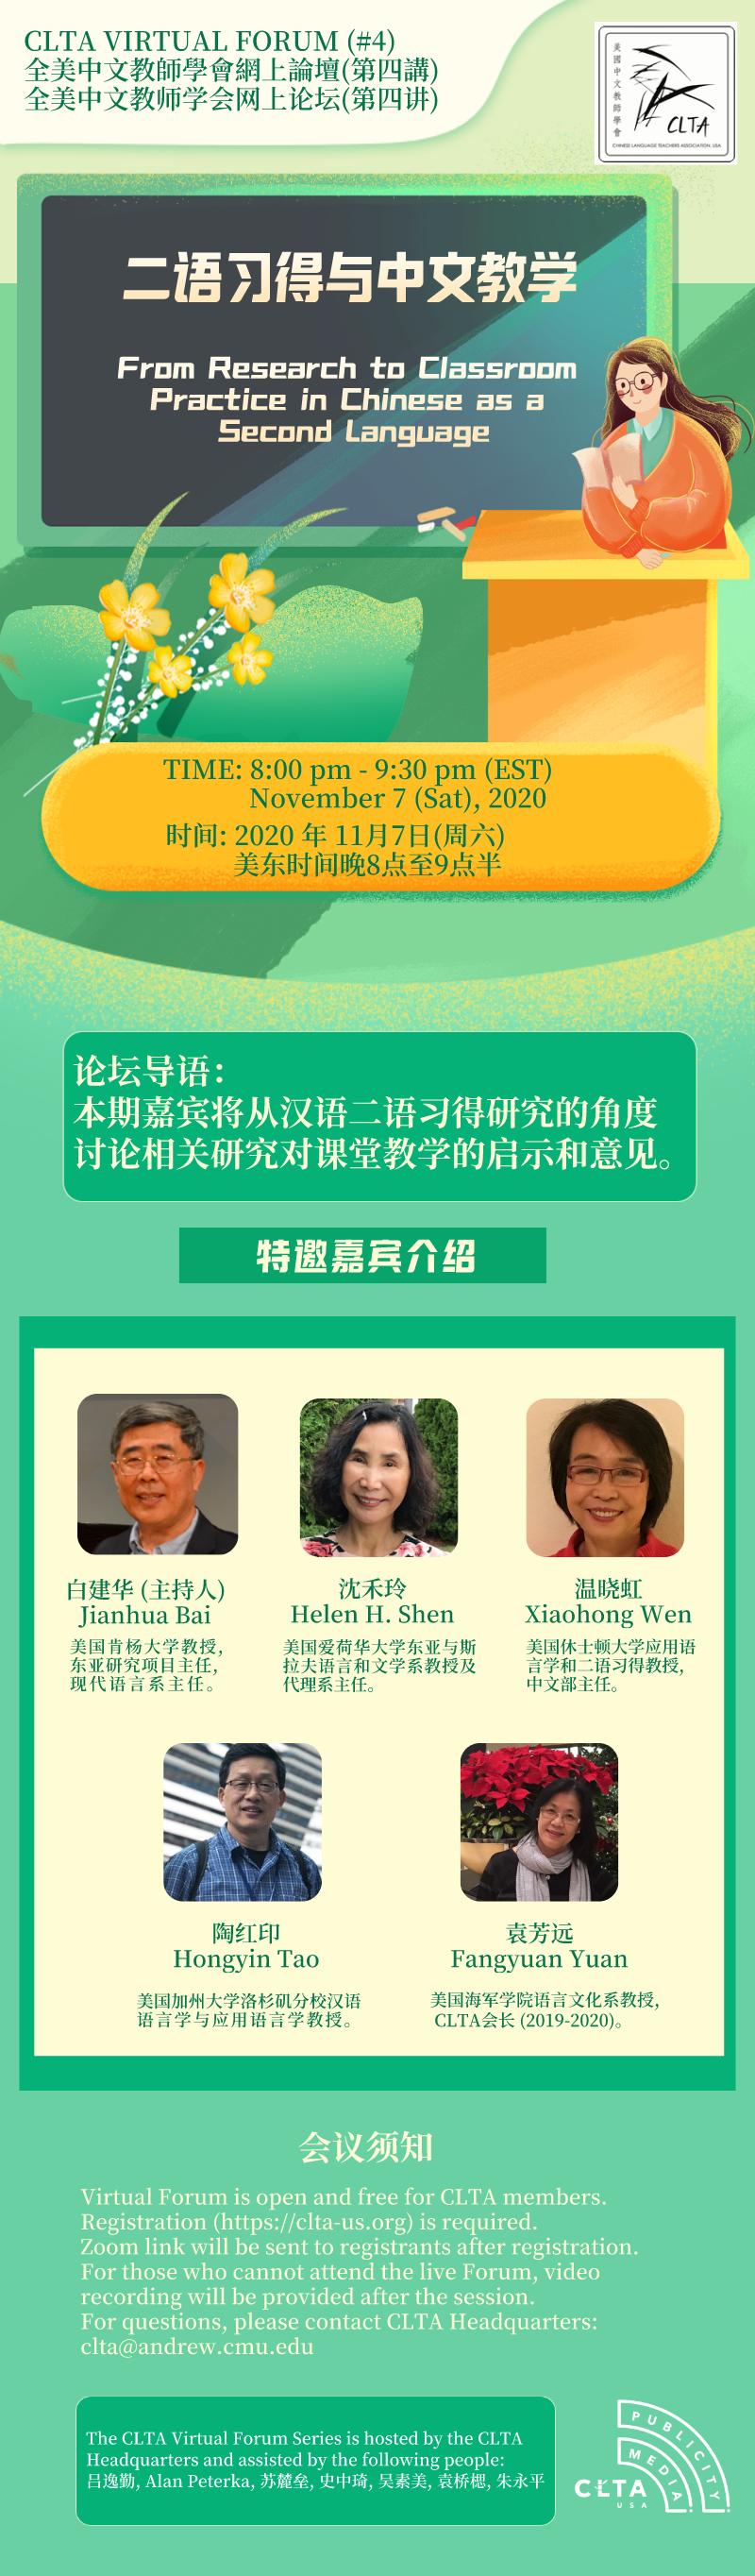 CLTA Virtual Forum #4 Poster